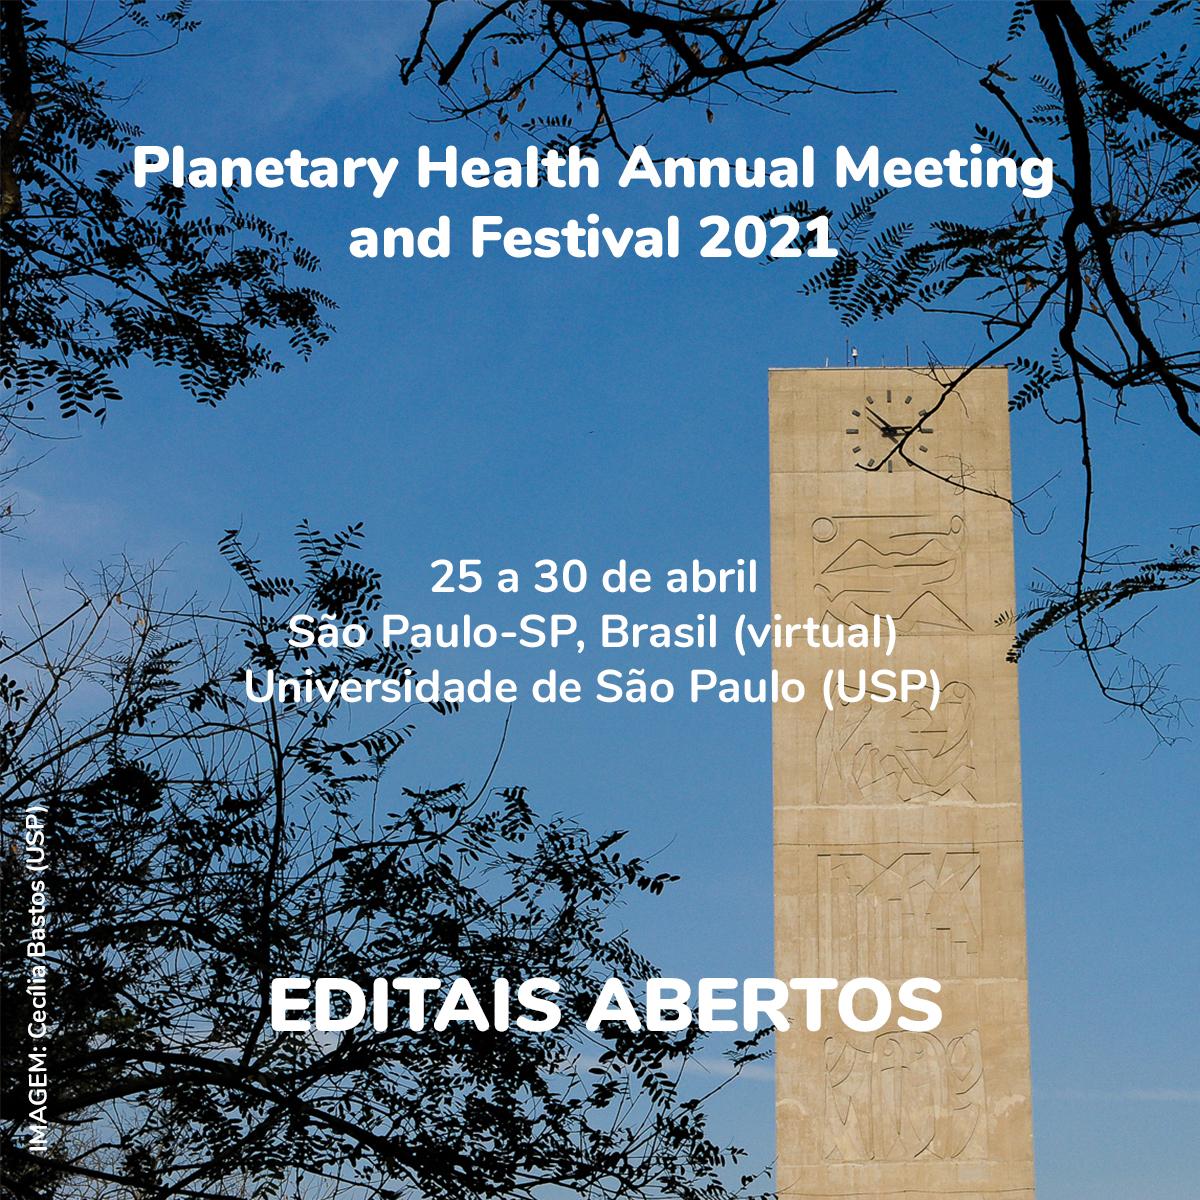 Novo prazo para propostas de dois editais de atividades da Semana de Saúde Planetária 2021!